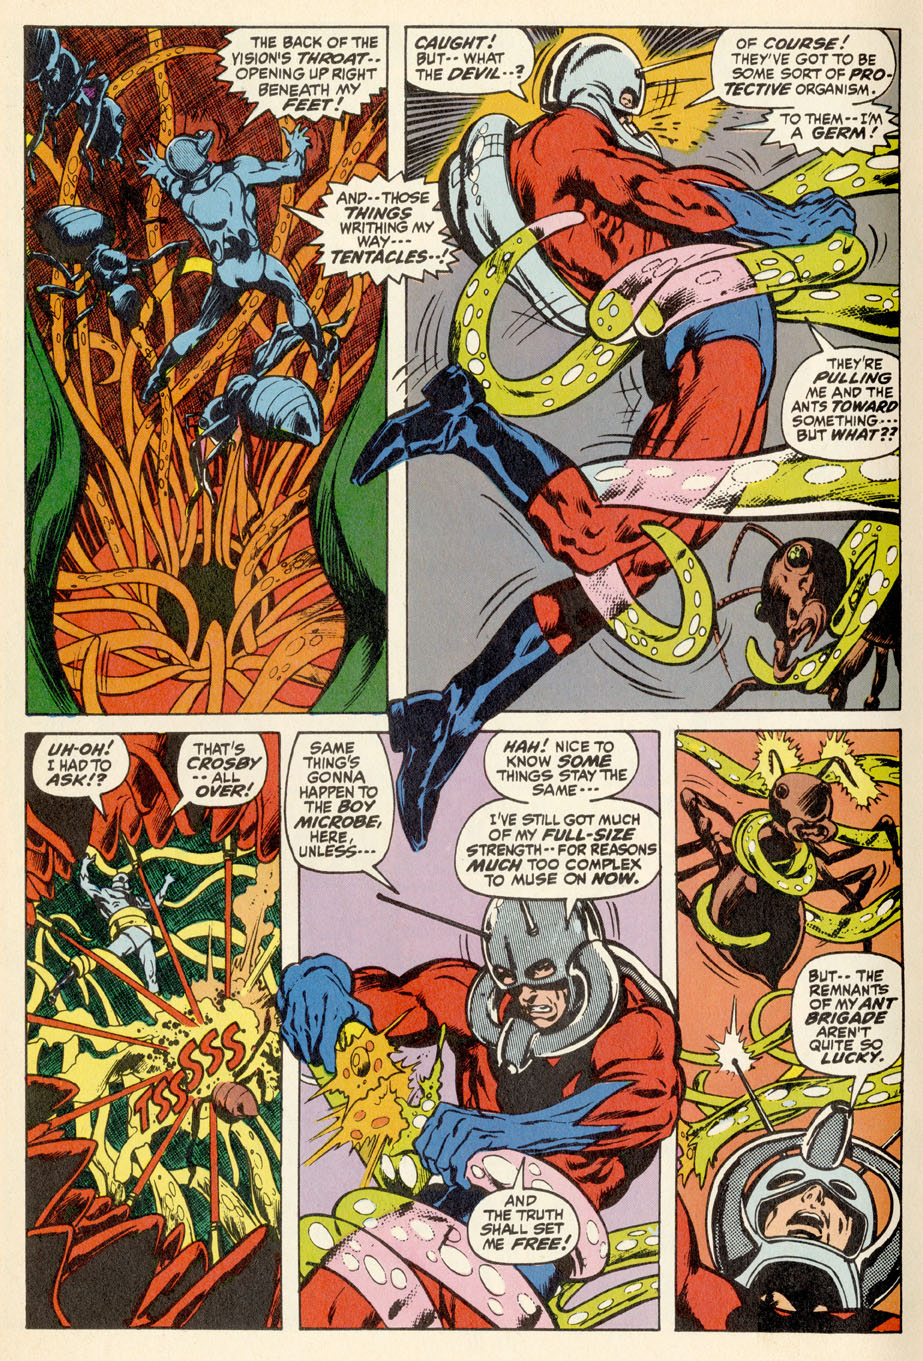 avengers 93 ant-man inner the vision 2